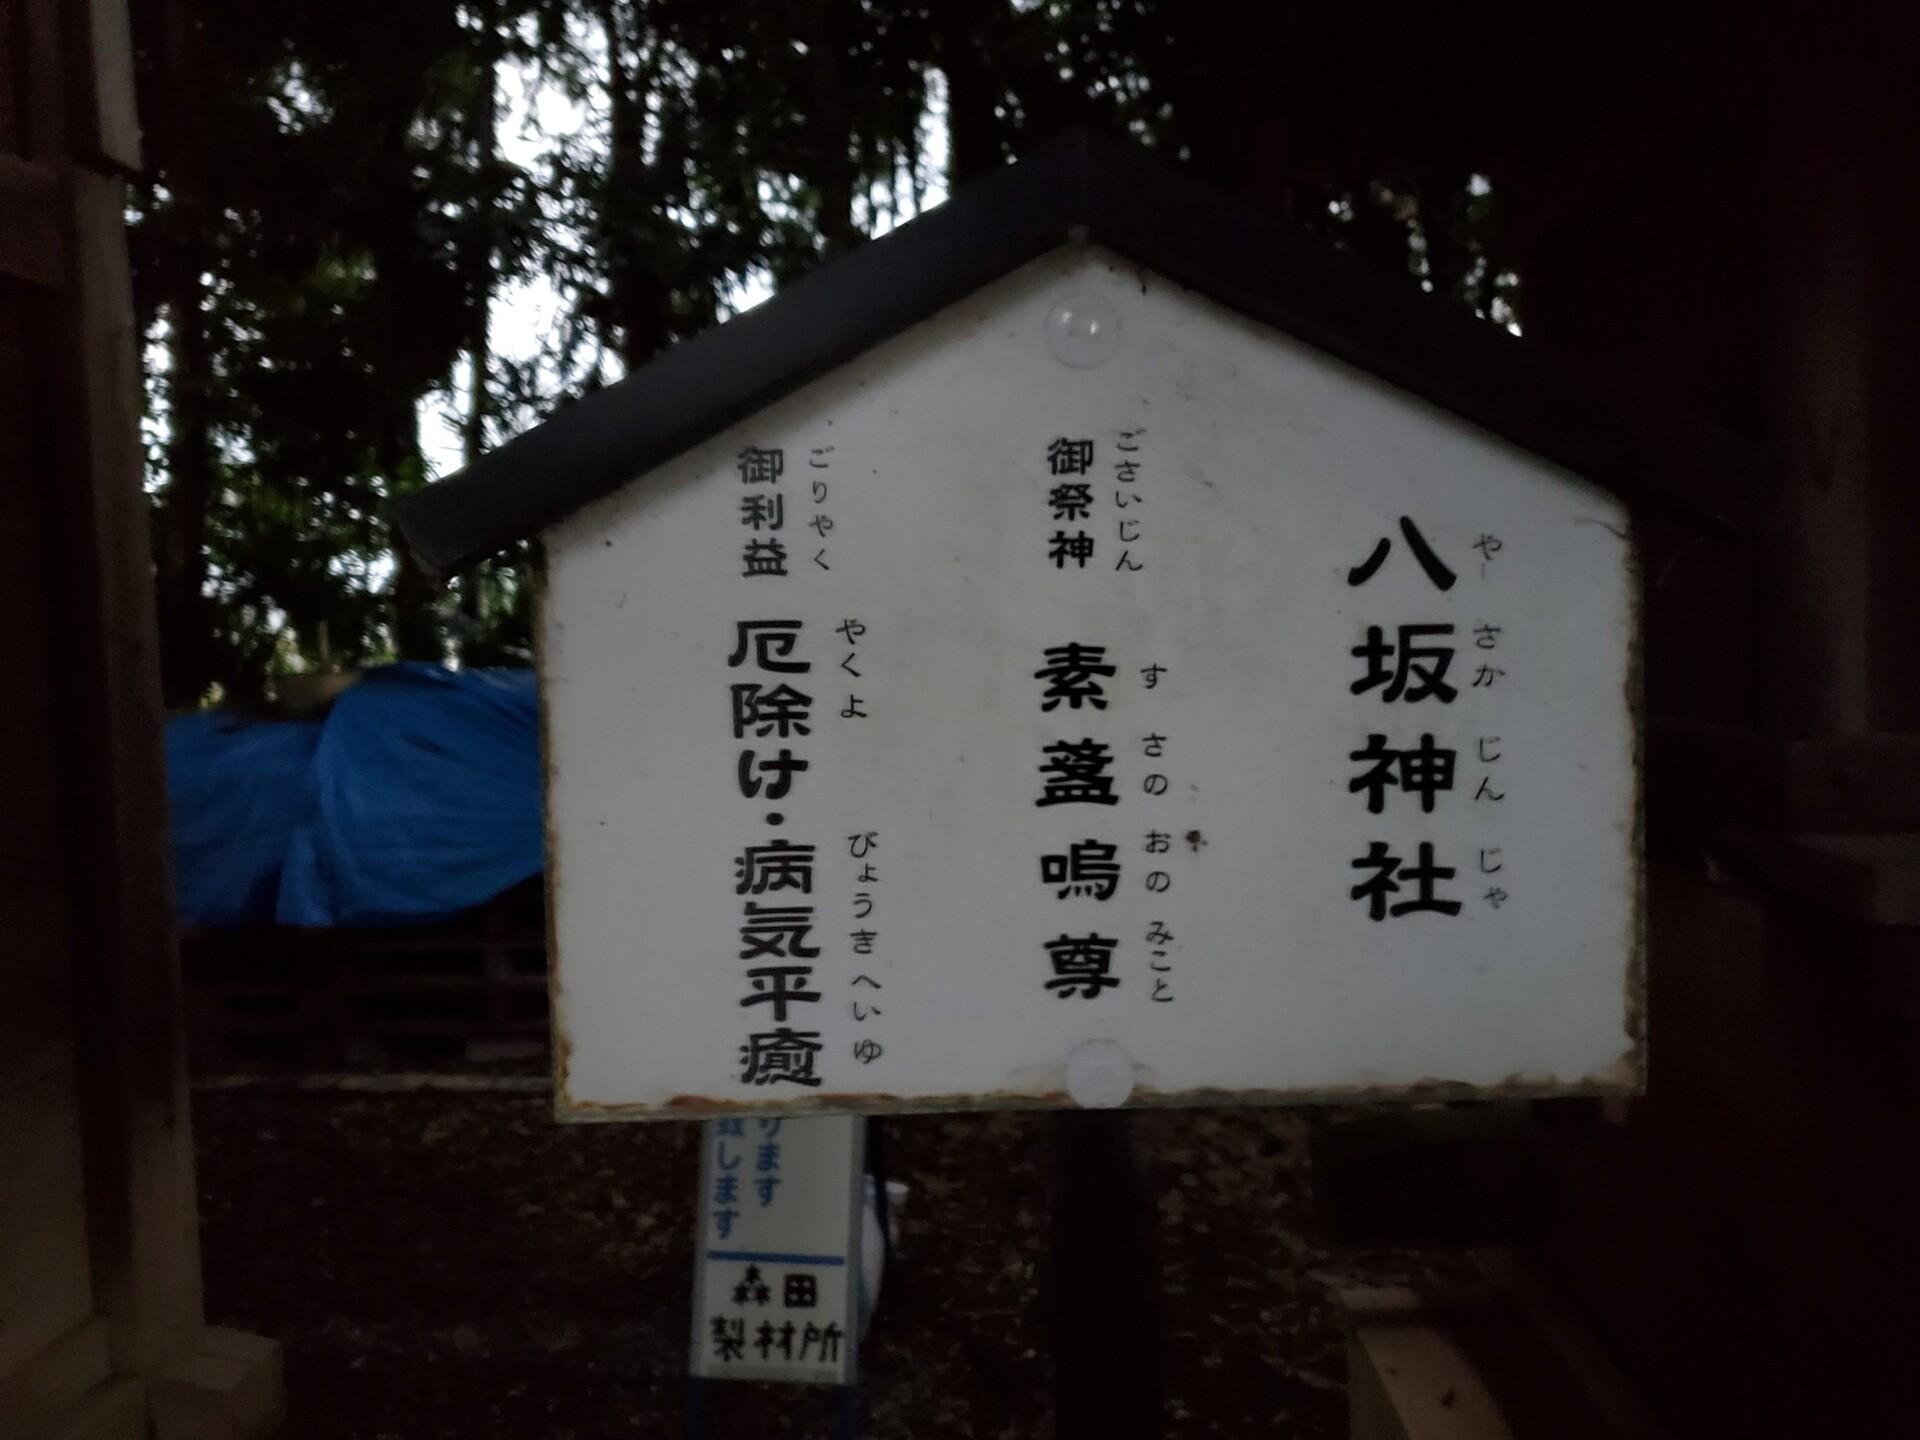 鷲宮神社 末社 八坂神社